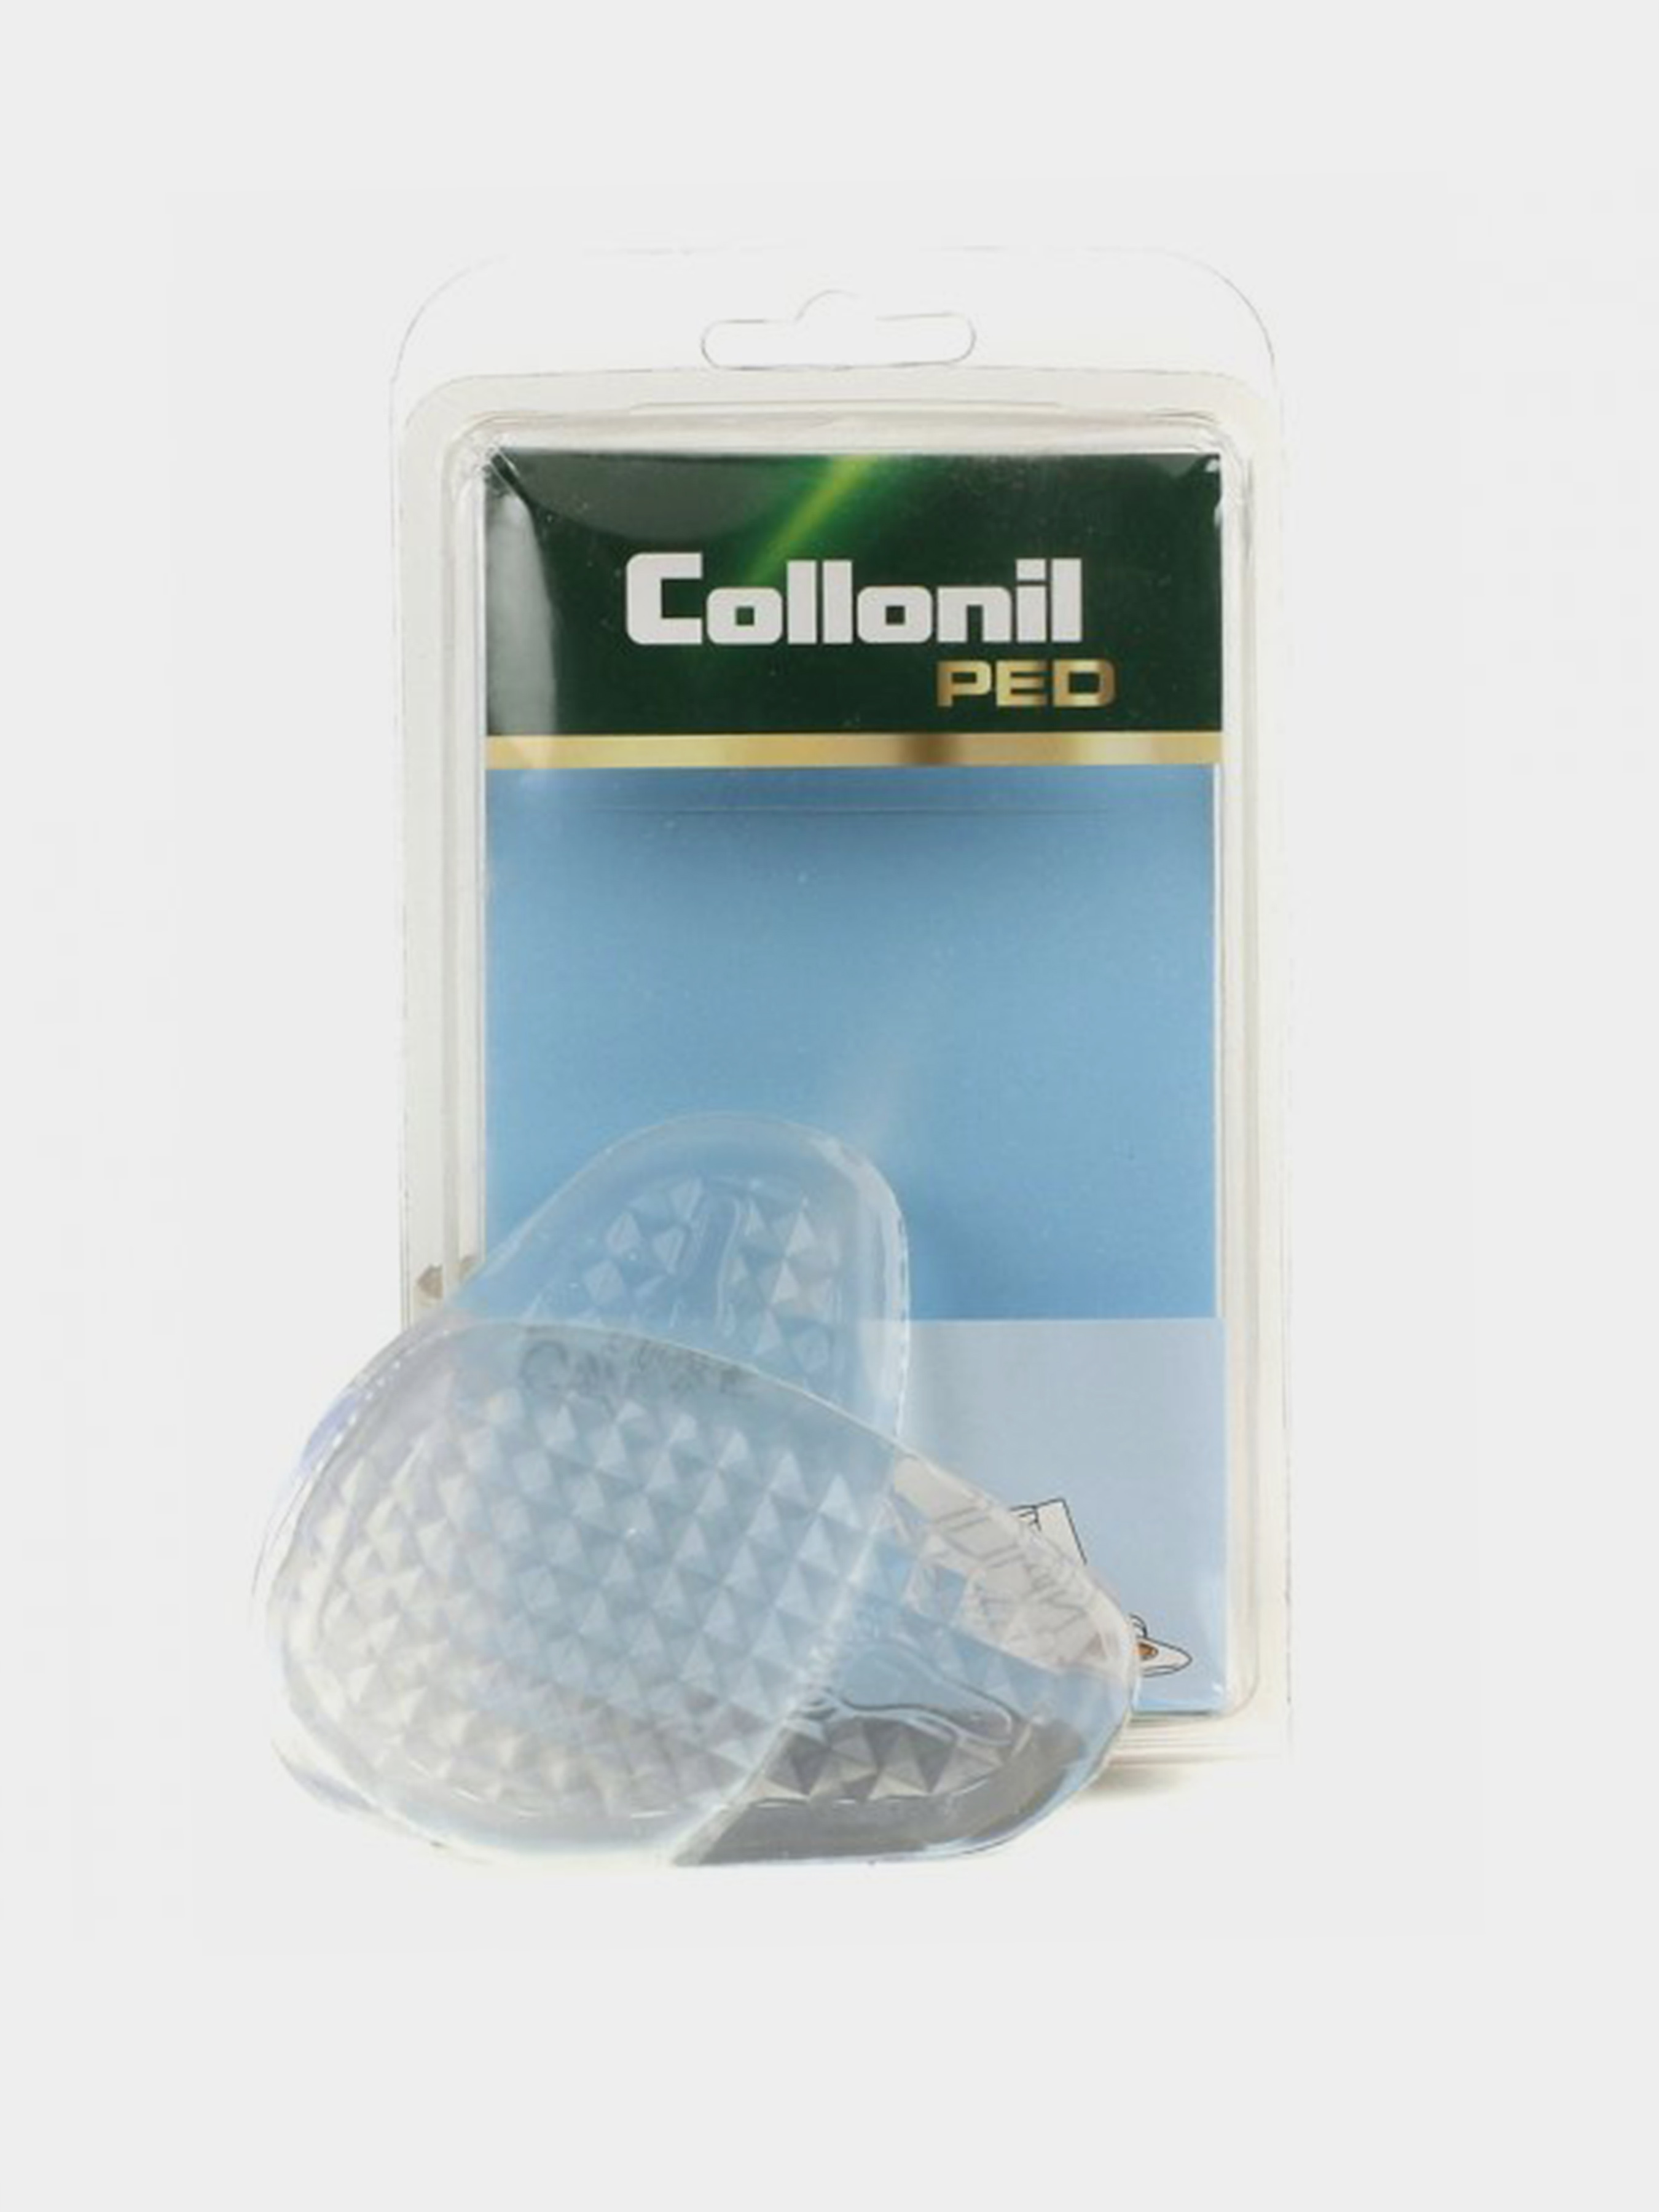 Гелевая продукция  Collonil модель A159 качество, 2017